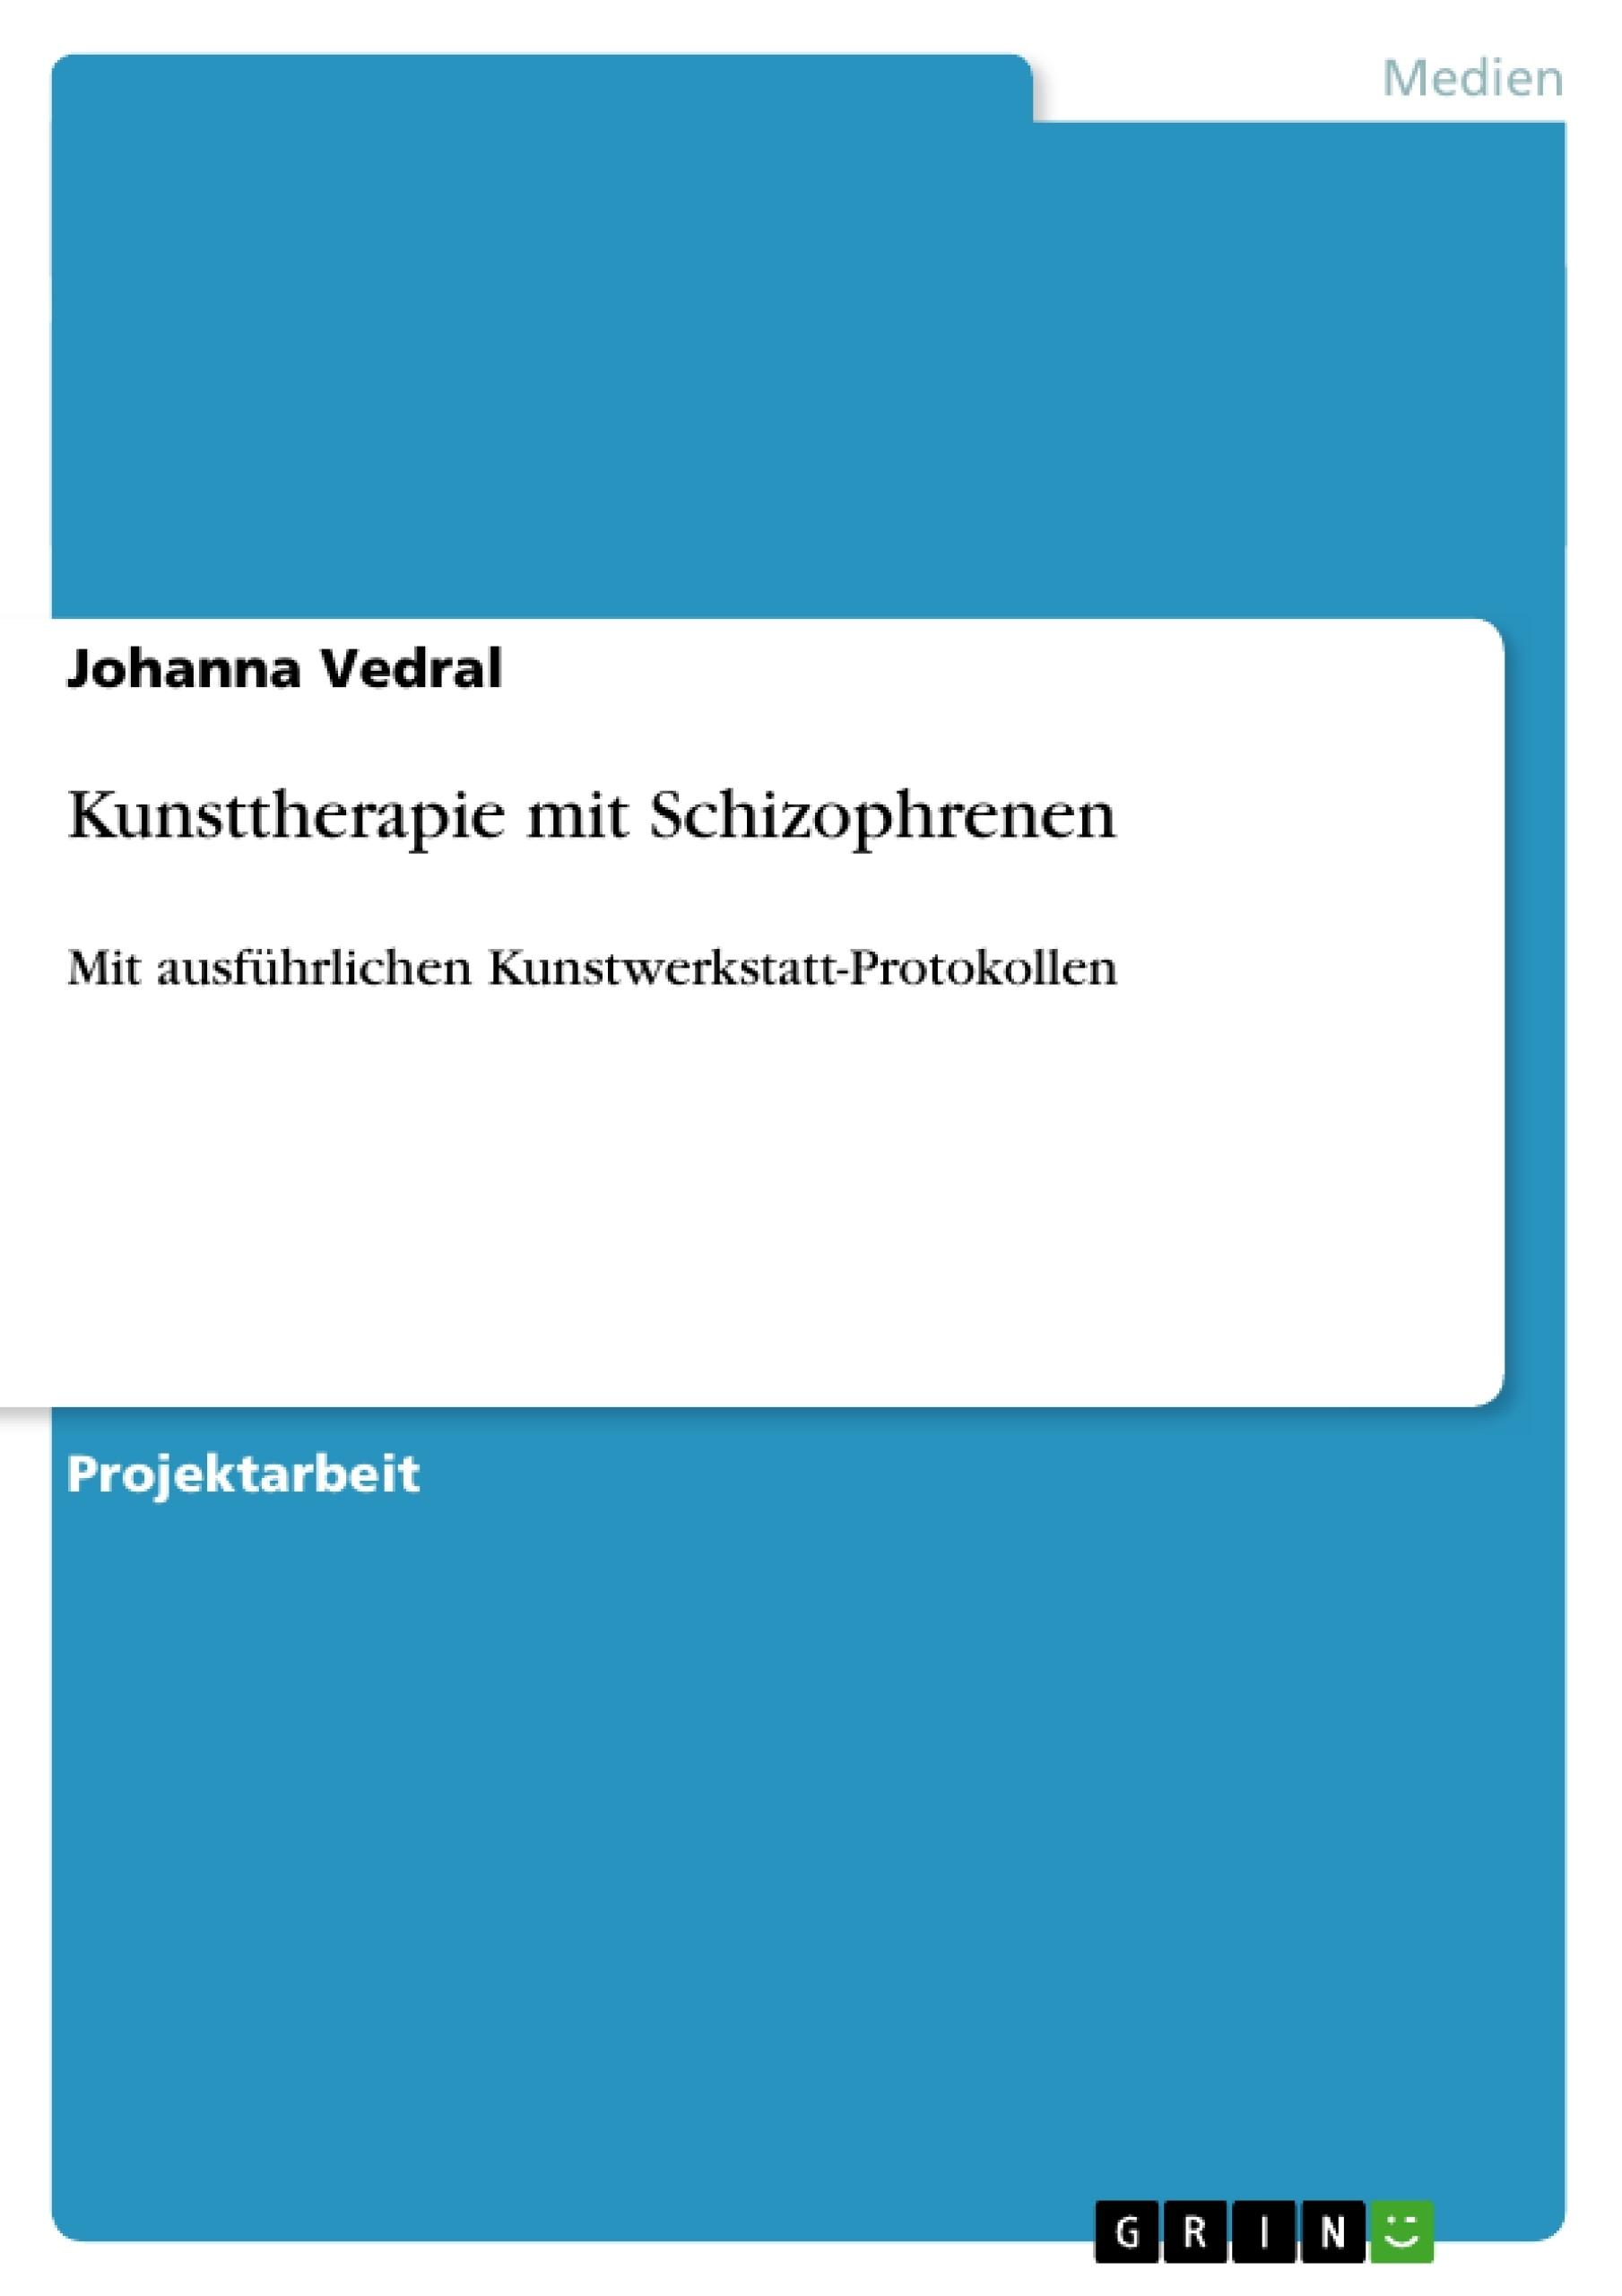 Titel: Kunsttherapie mit Schizophrenen